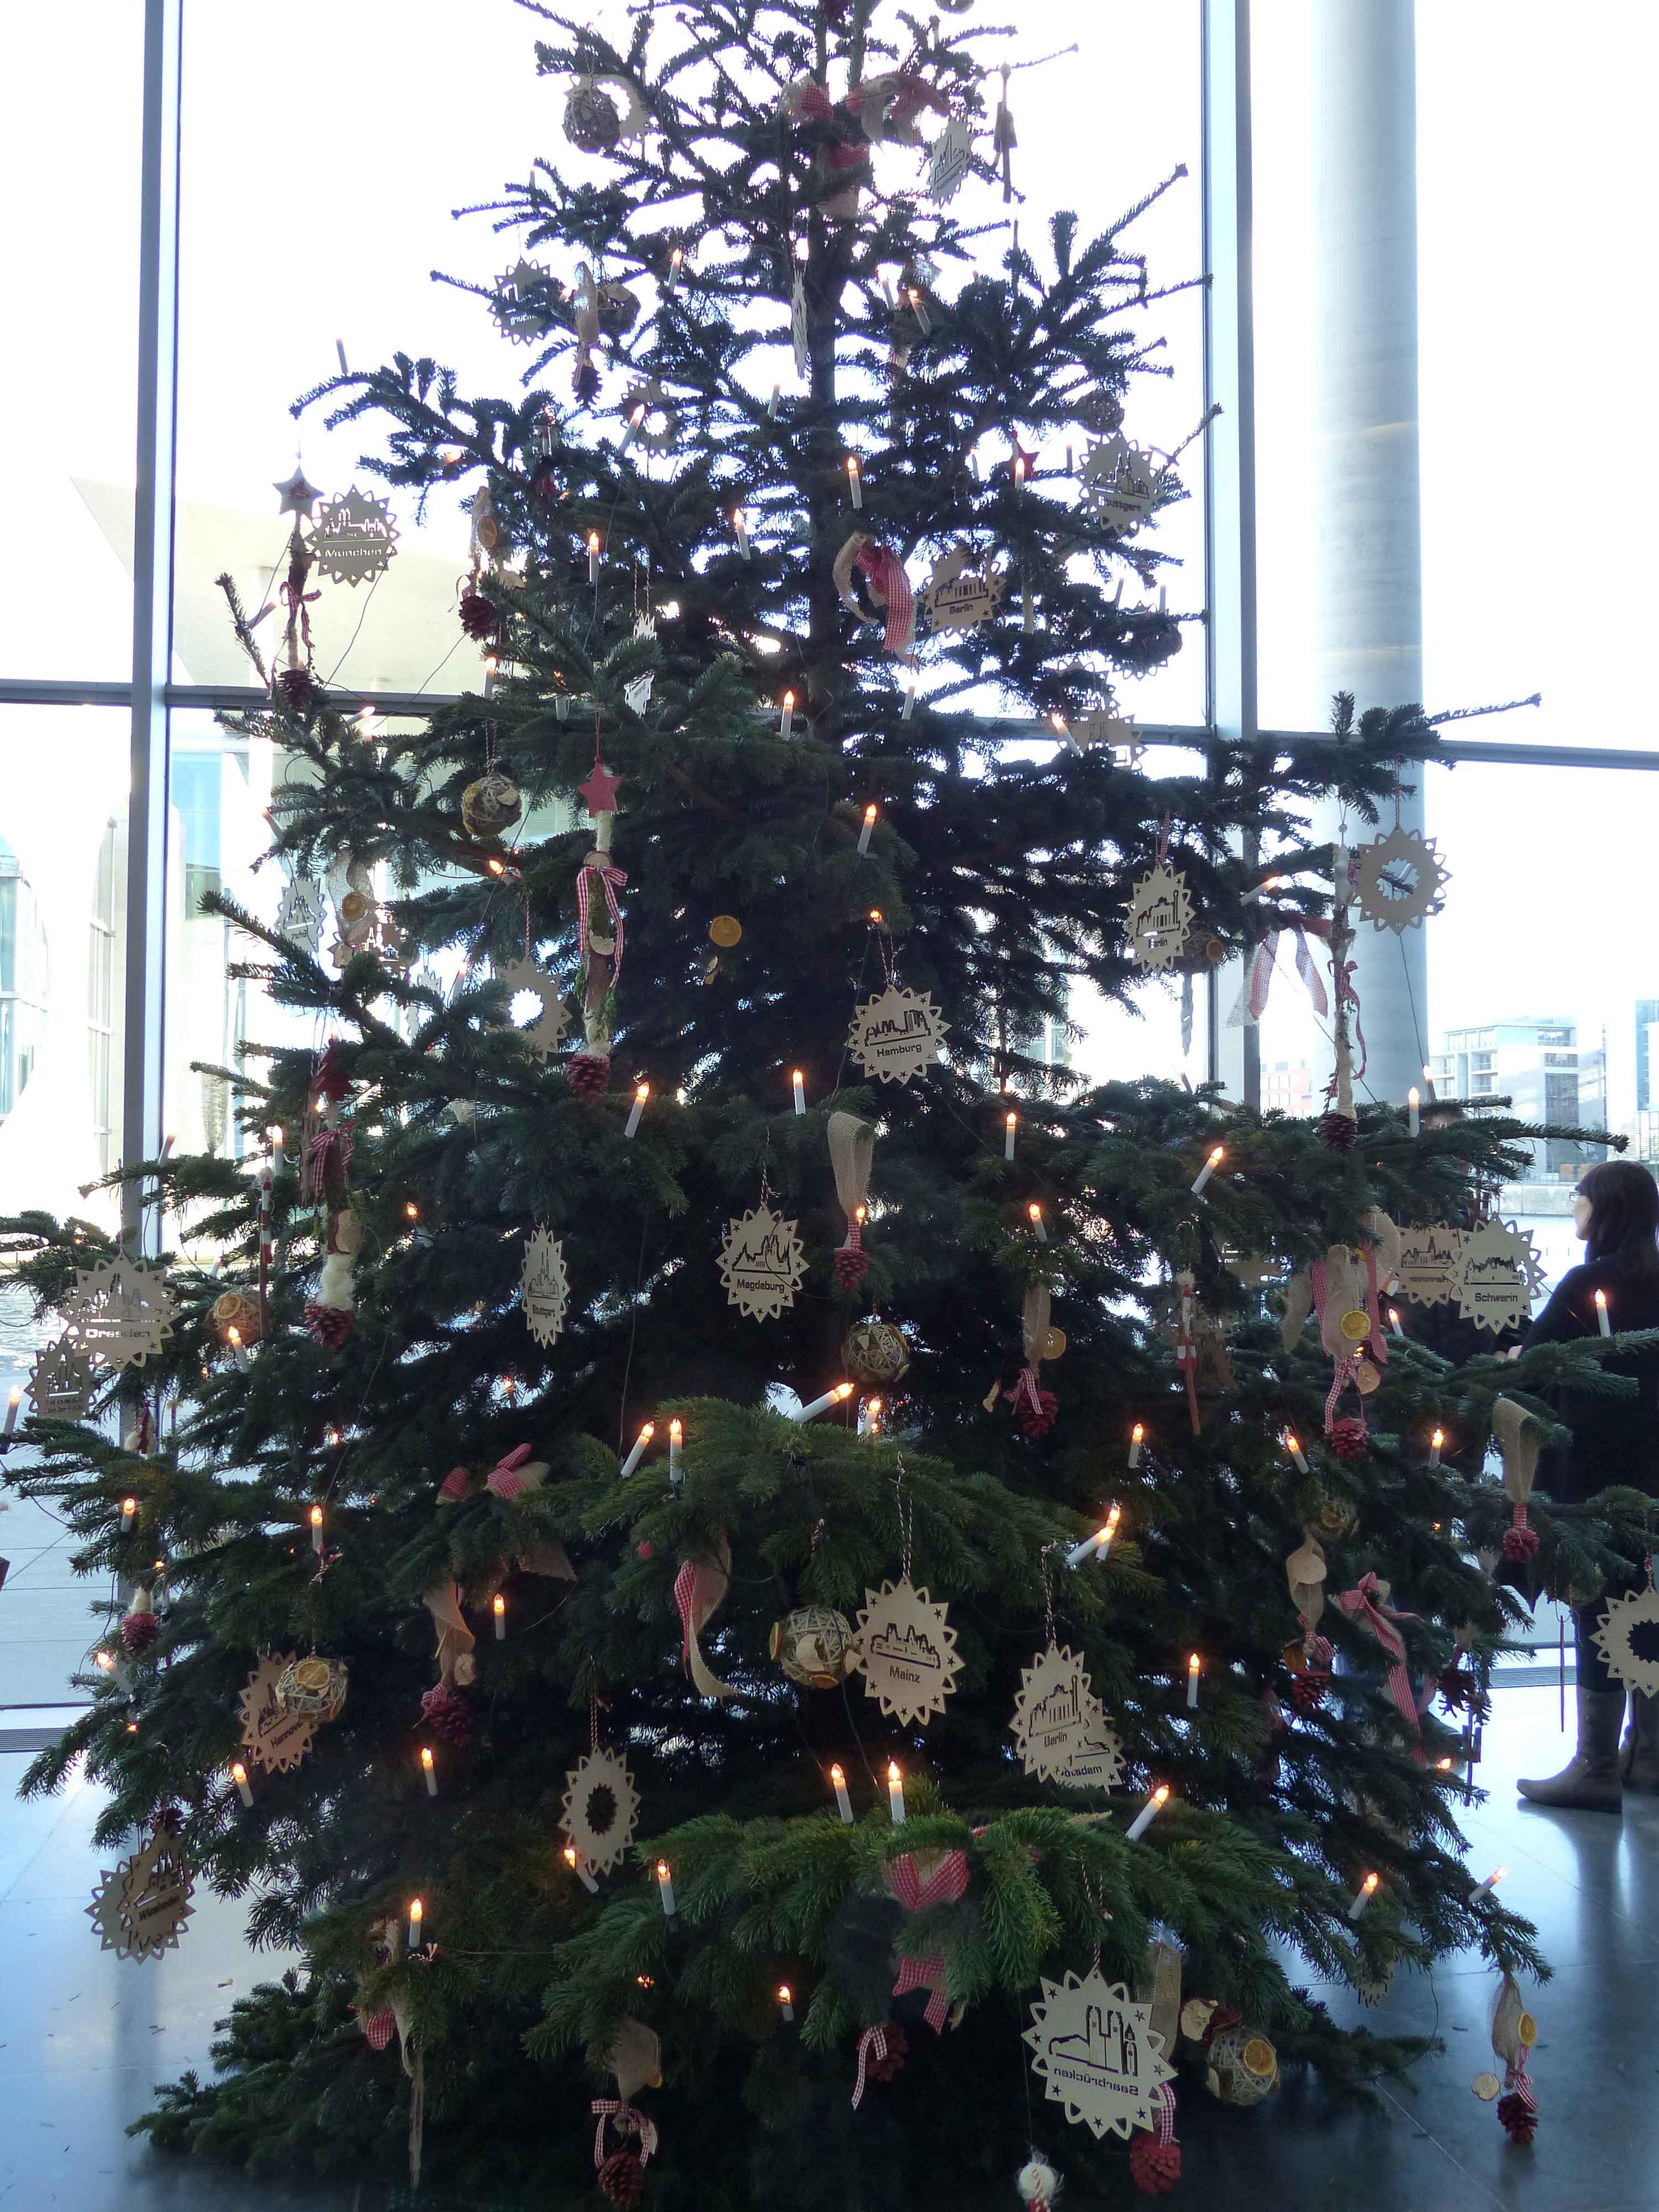 herforder baumschmuck schm ckt den weihnachtsbaum im. Black Bedroom Furniture Sets. Home Design Ideas